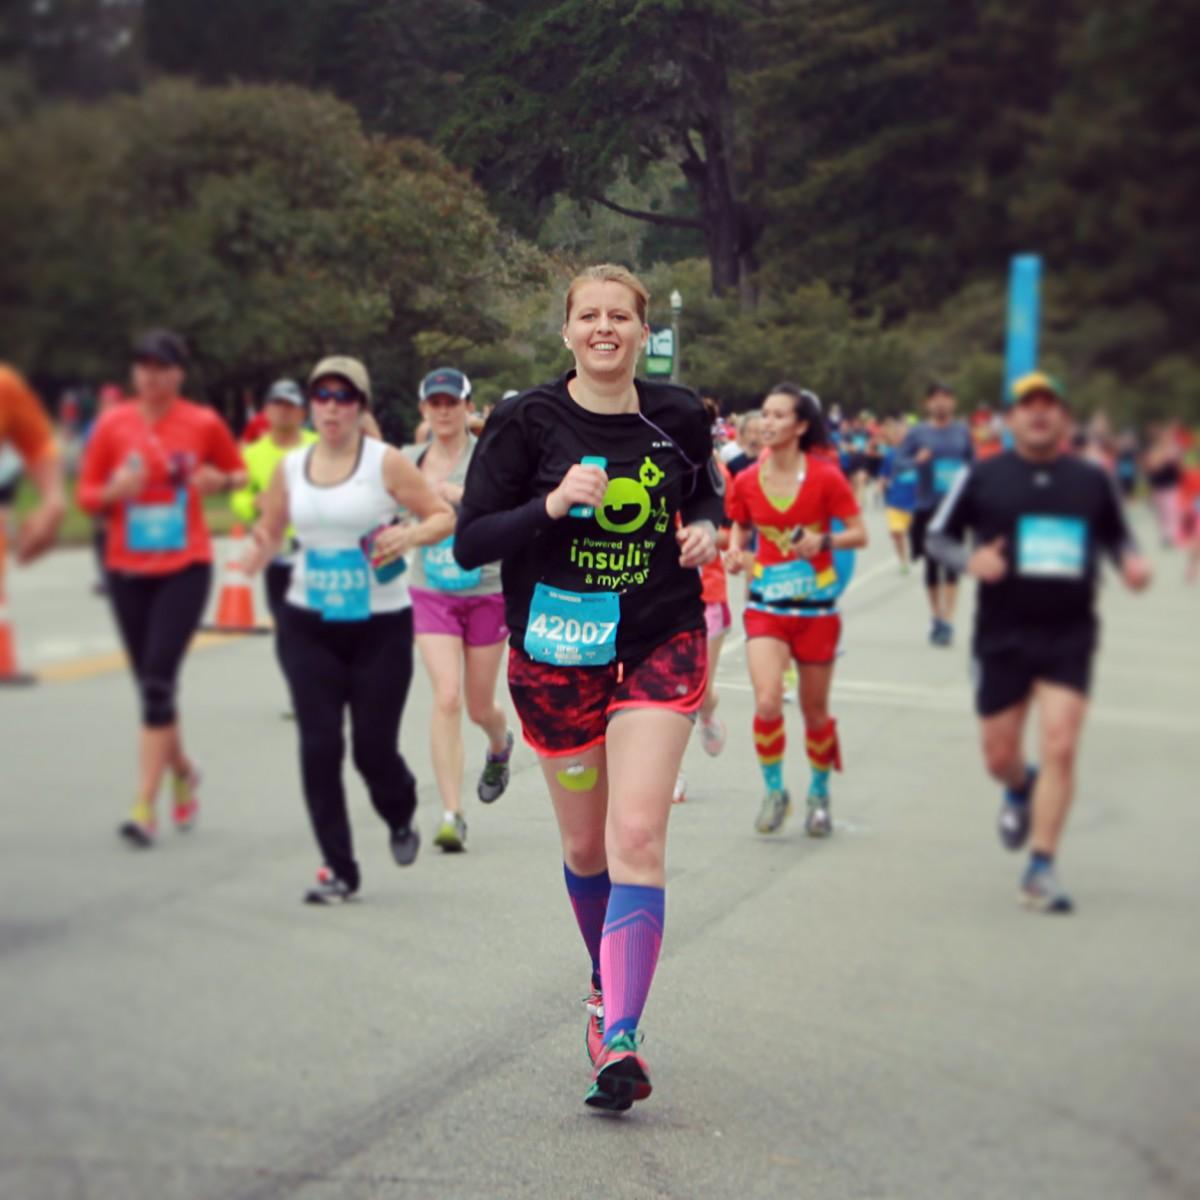 Zieleinlauf im Golden Gate Park